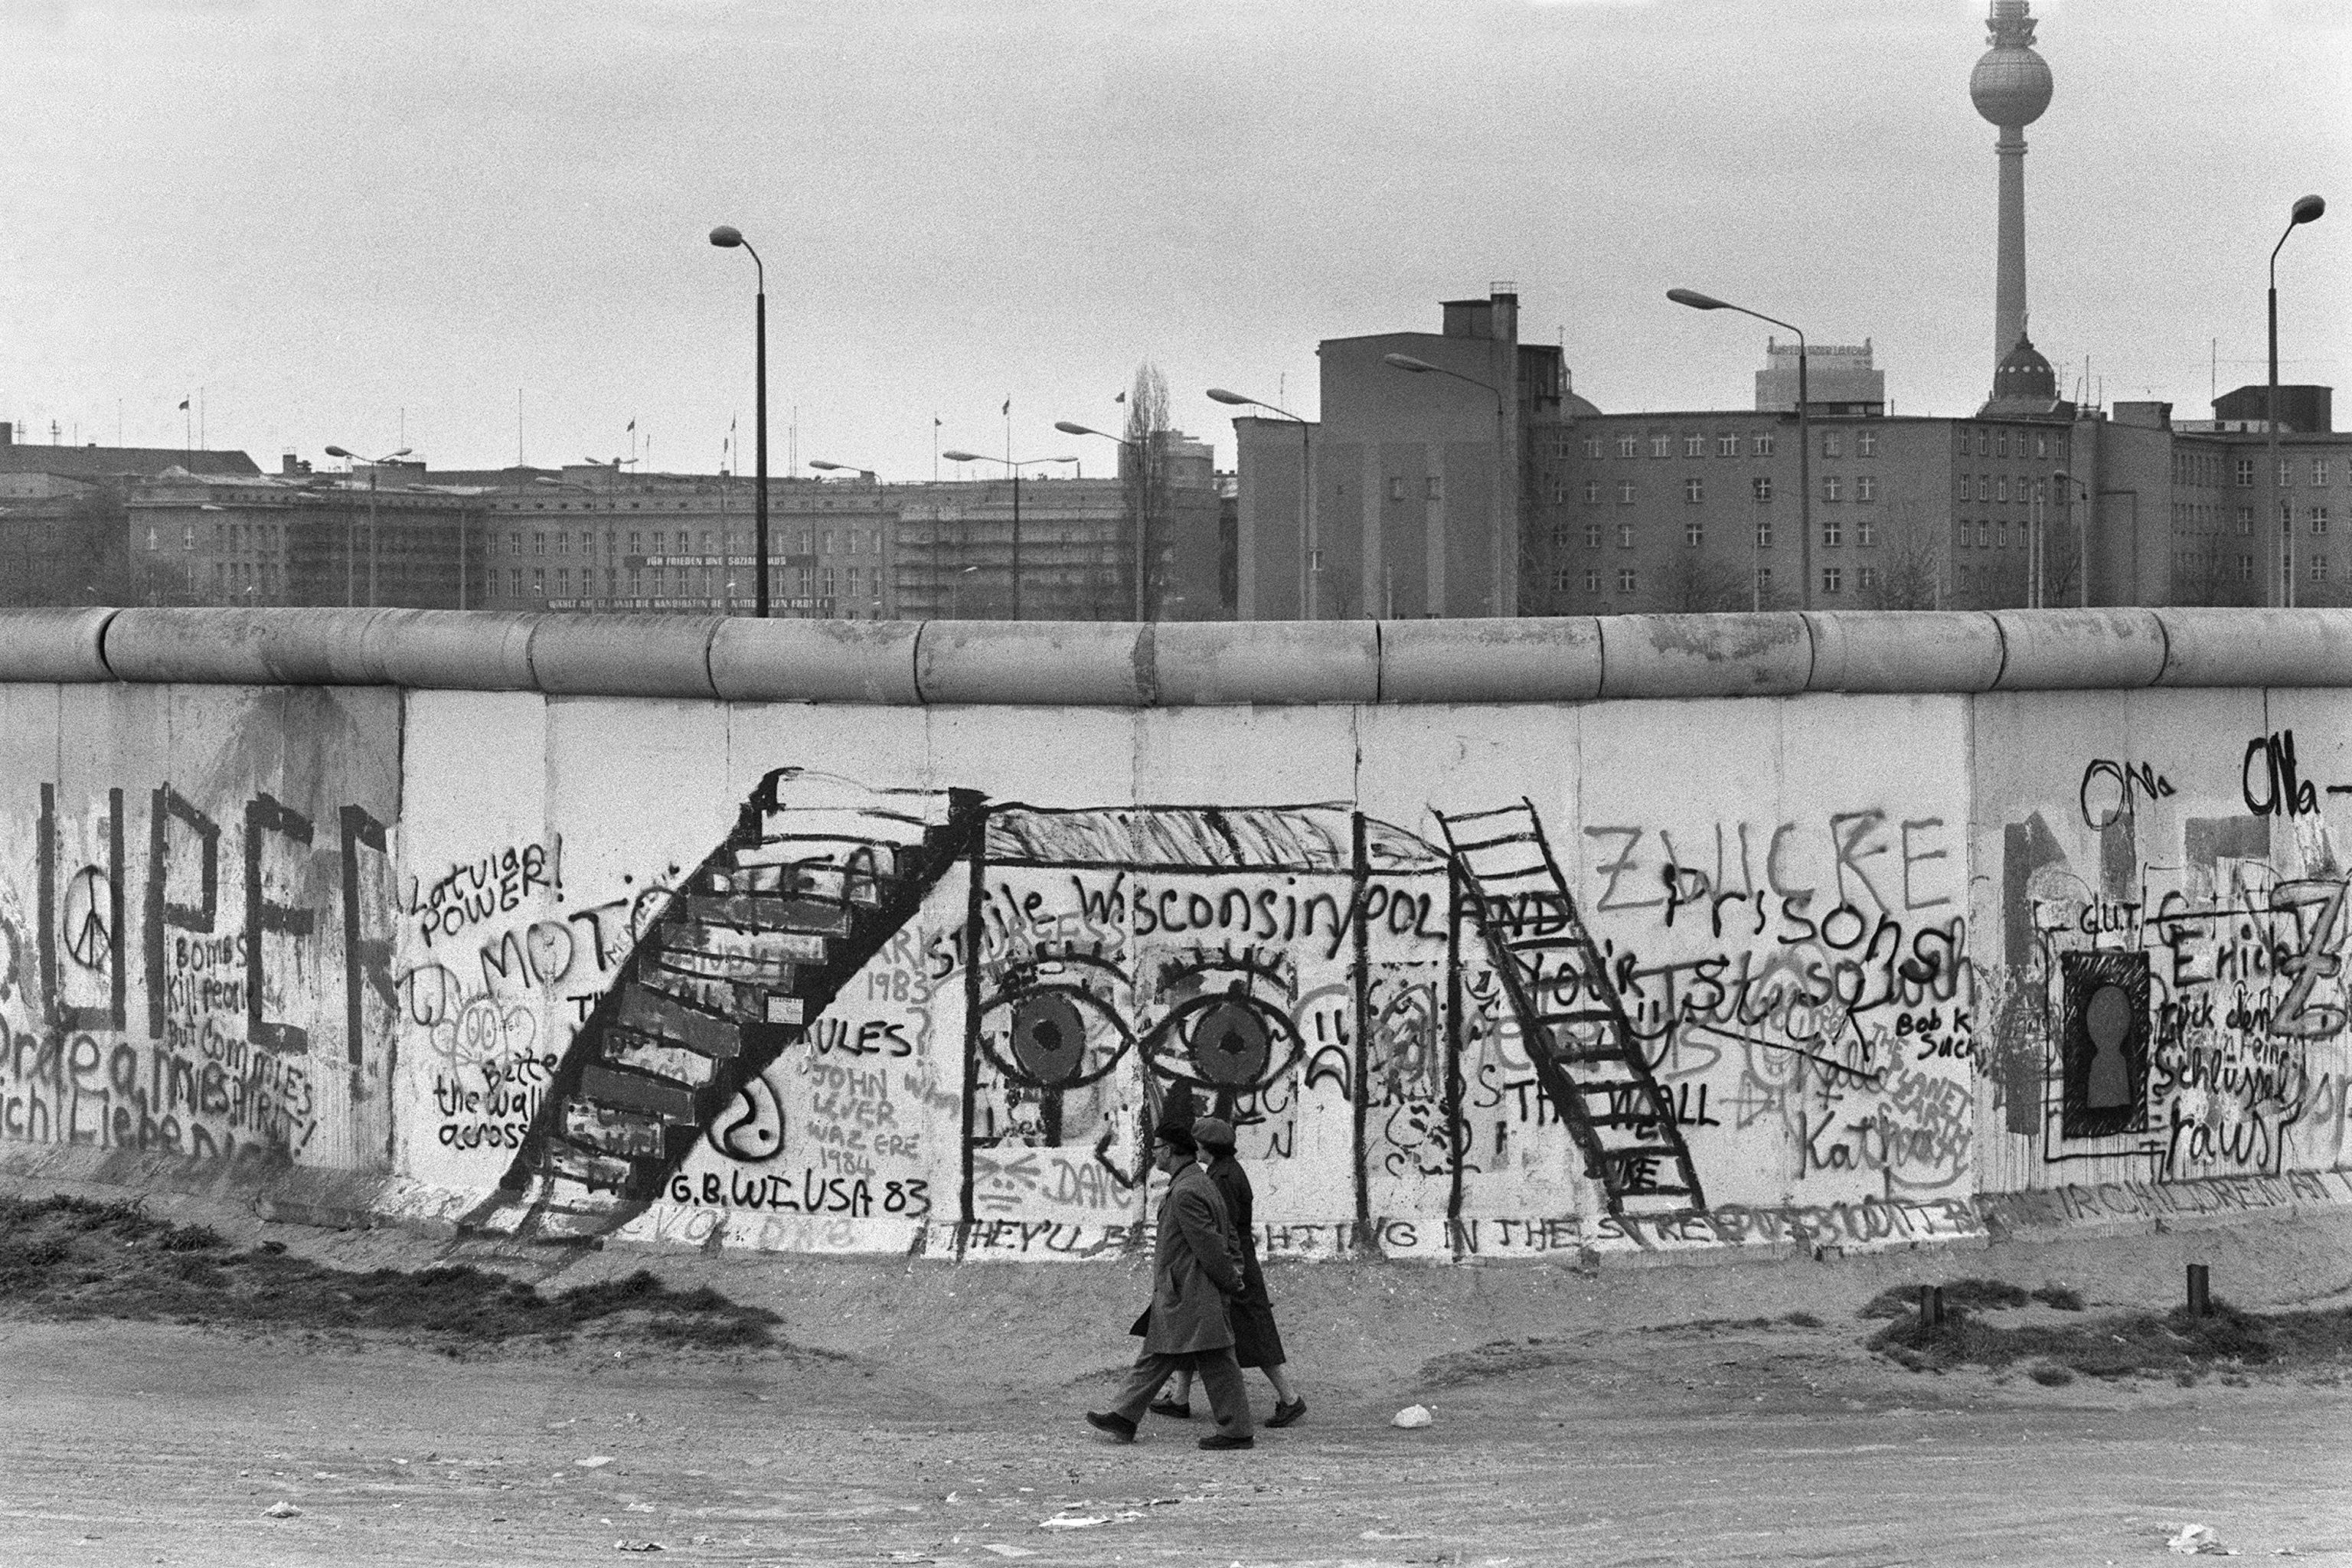 許多人想盡辦法、前仆後繼地逃到象徵自由的西德,但在中途中就被高塔上的士兵射殺。(Getty Images)